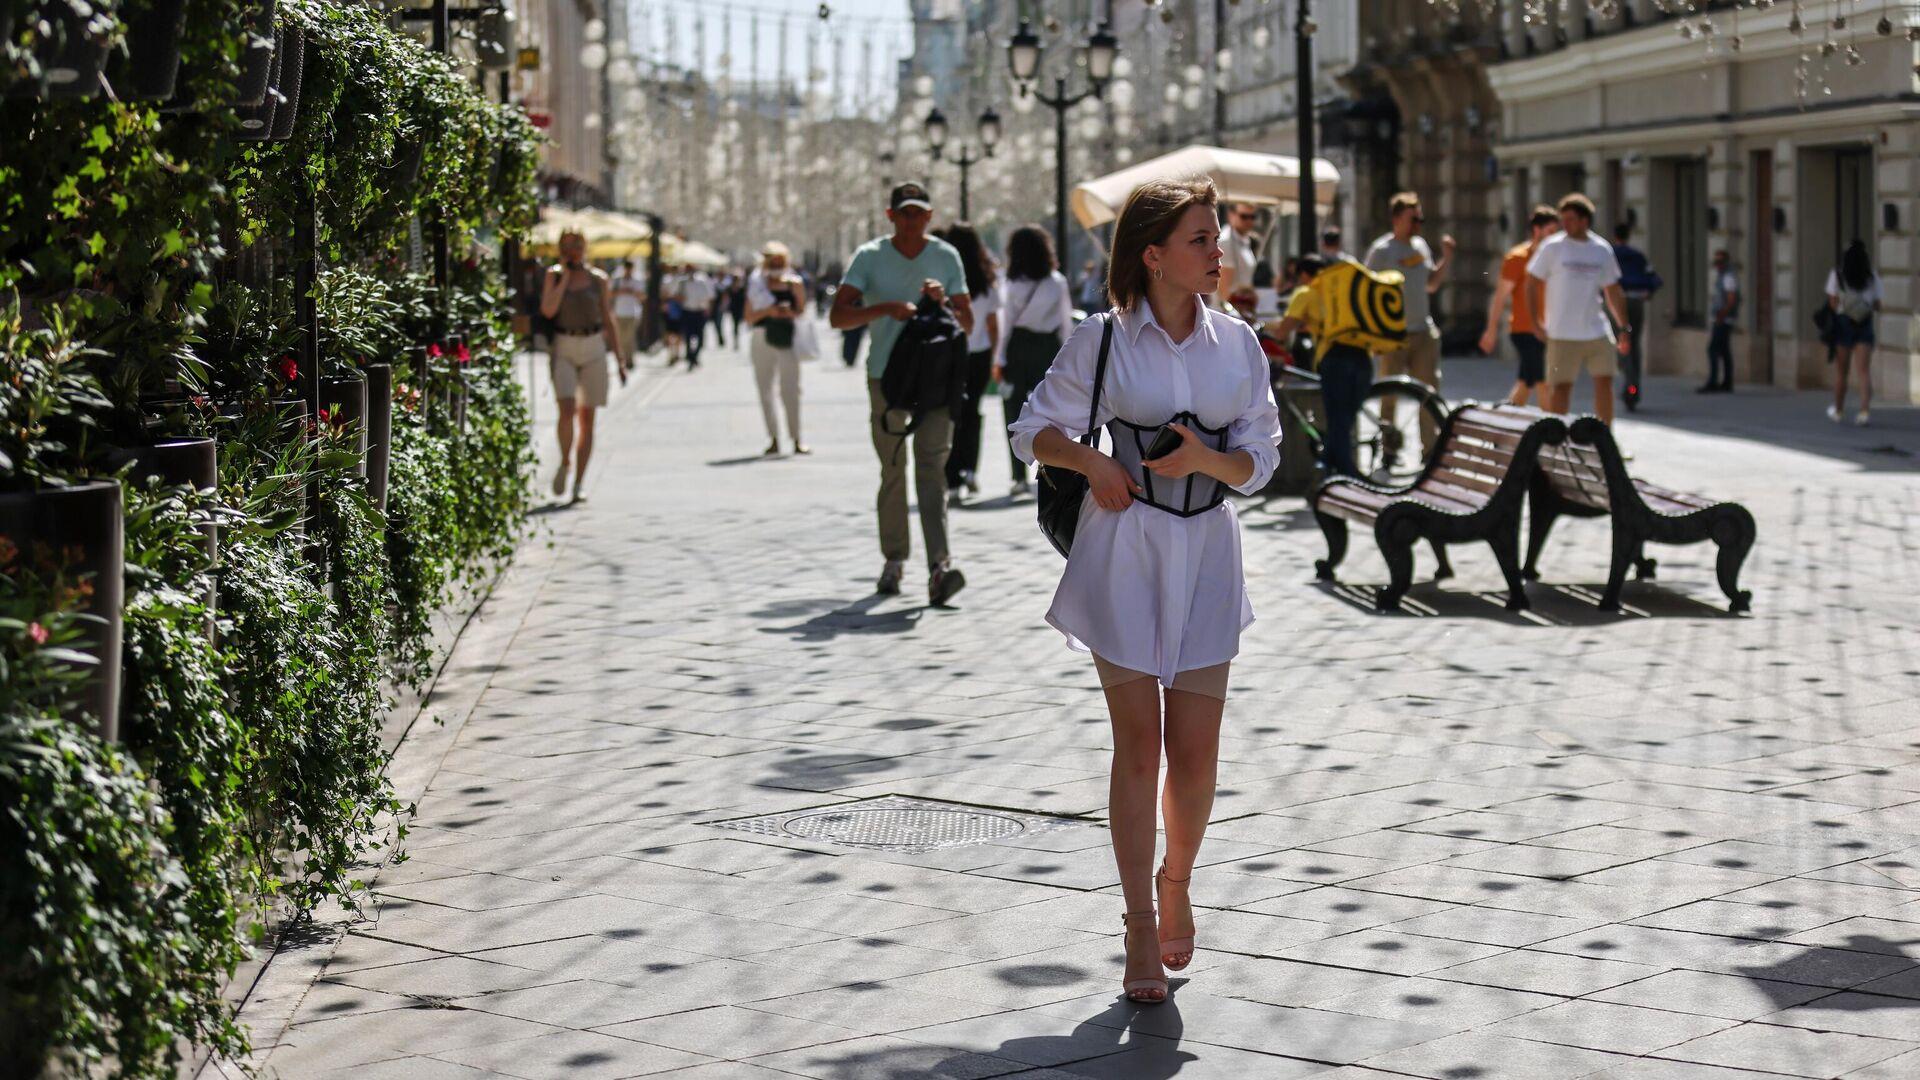 Люди идут по Никольской улице в Москве  - РИА Новости, 1920, 18.06.2021